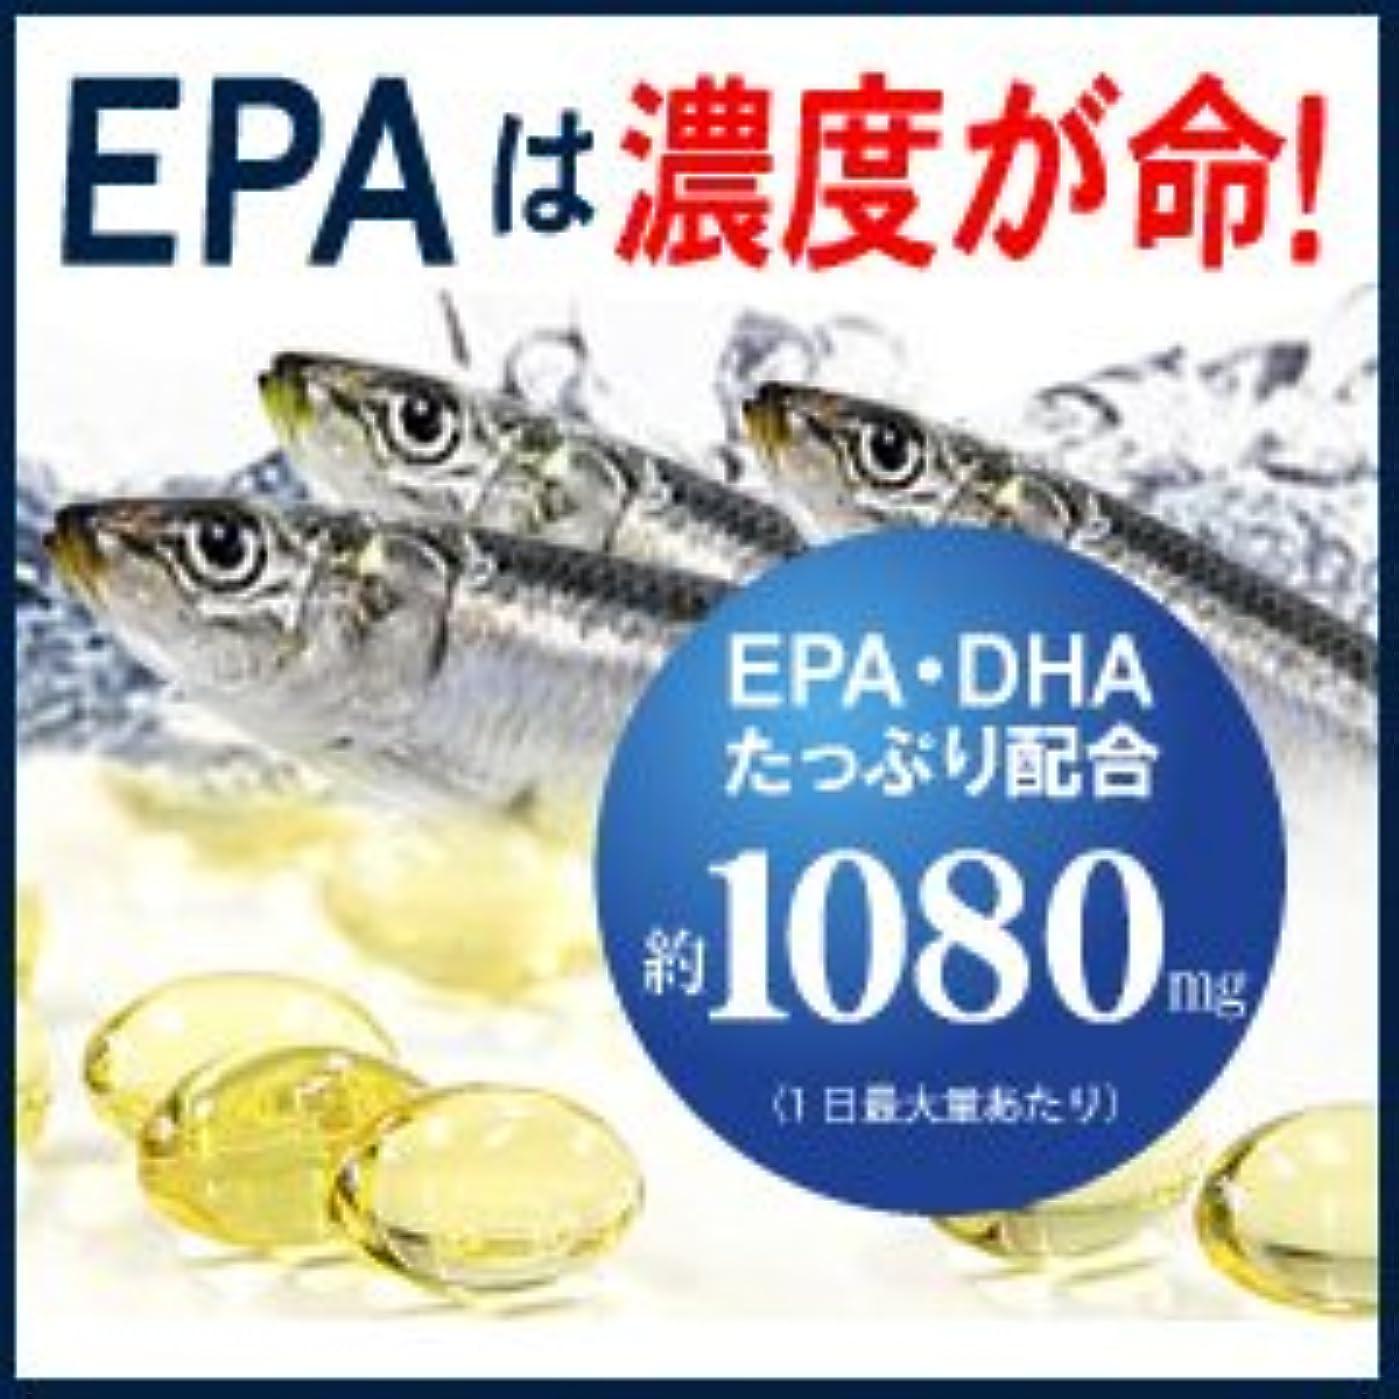 先に落ち込んでいる採用する高濃度EPAサプリの決定版 アレルリボーテ 180錠 オメガ3系不飽和脂肪酸 EPA/DHA高含有